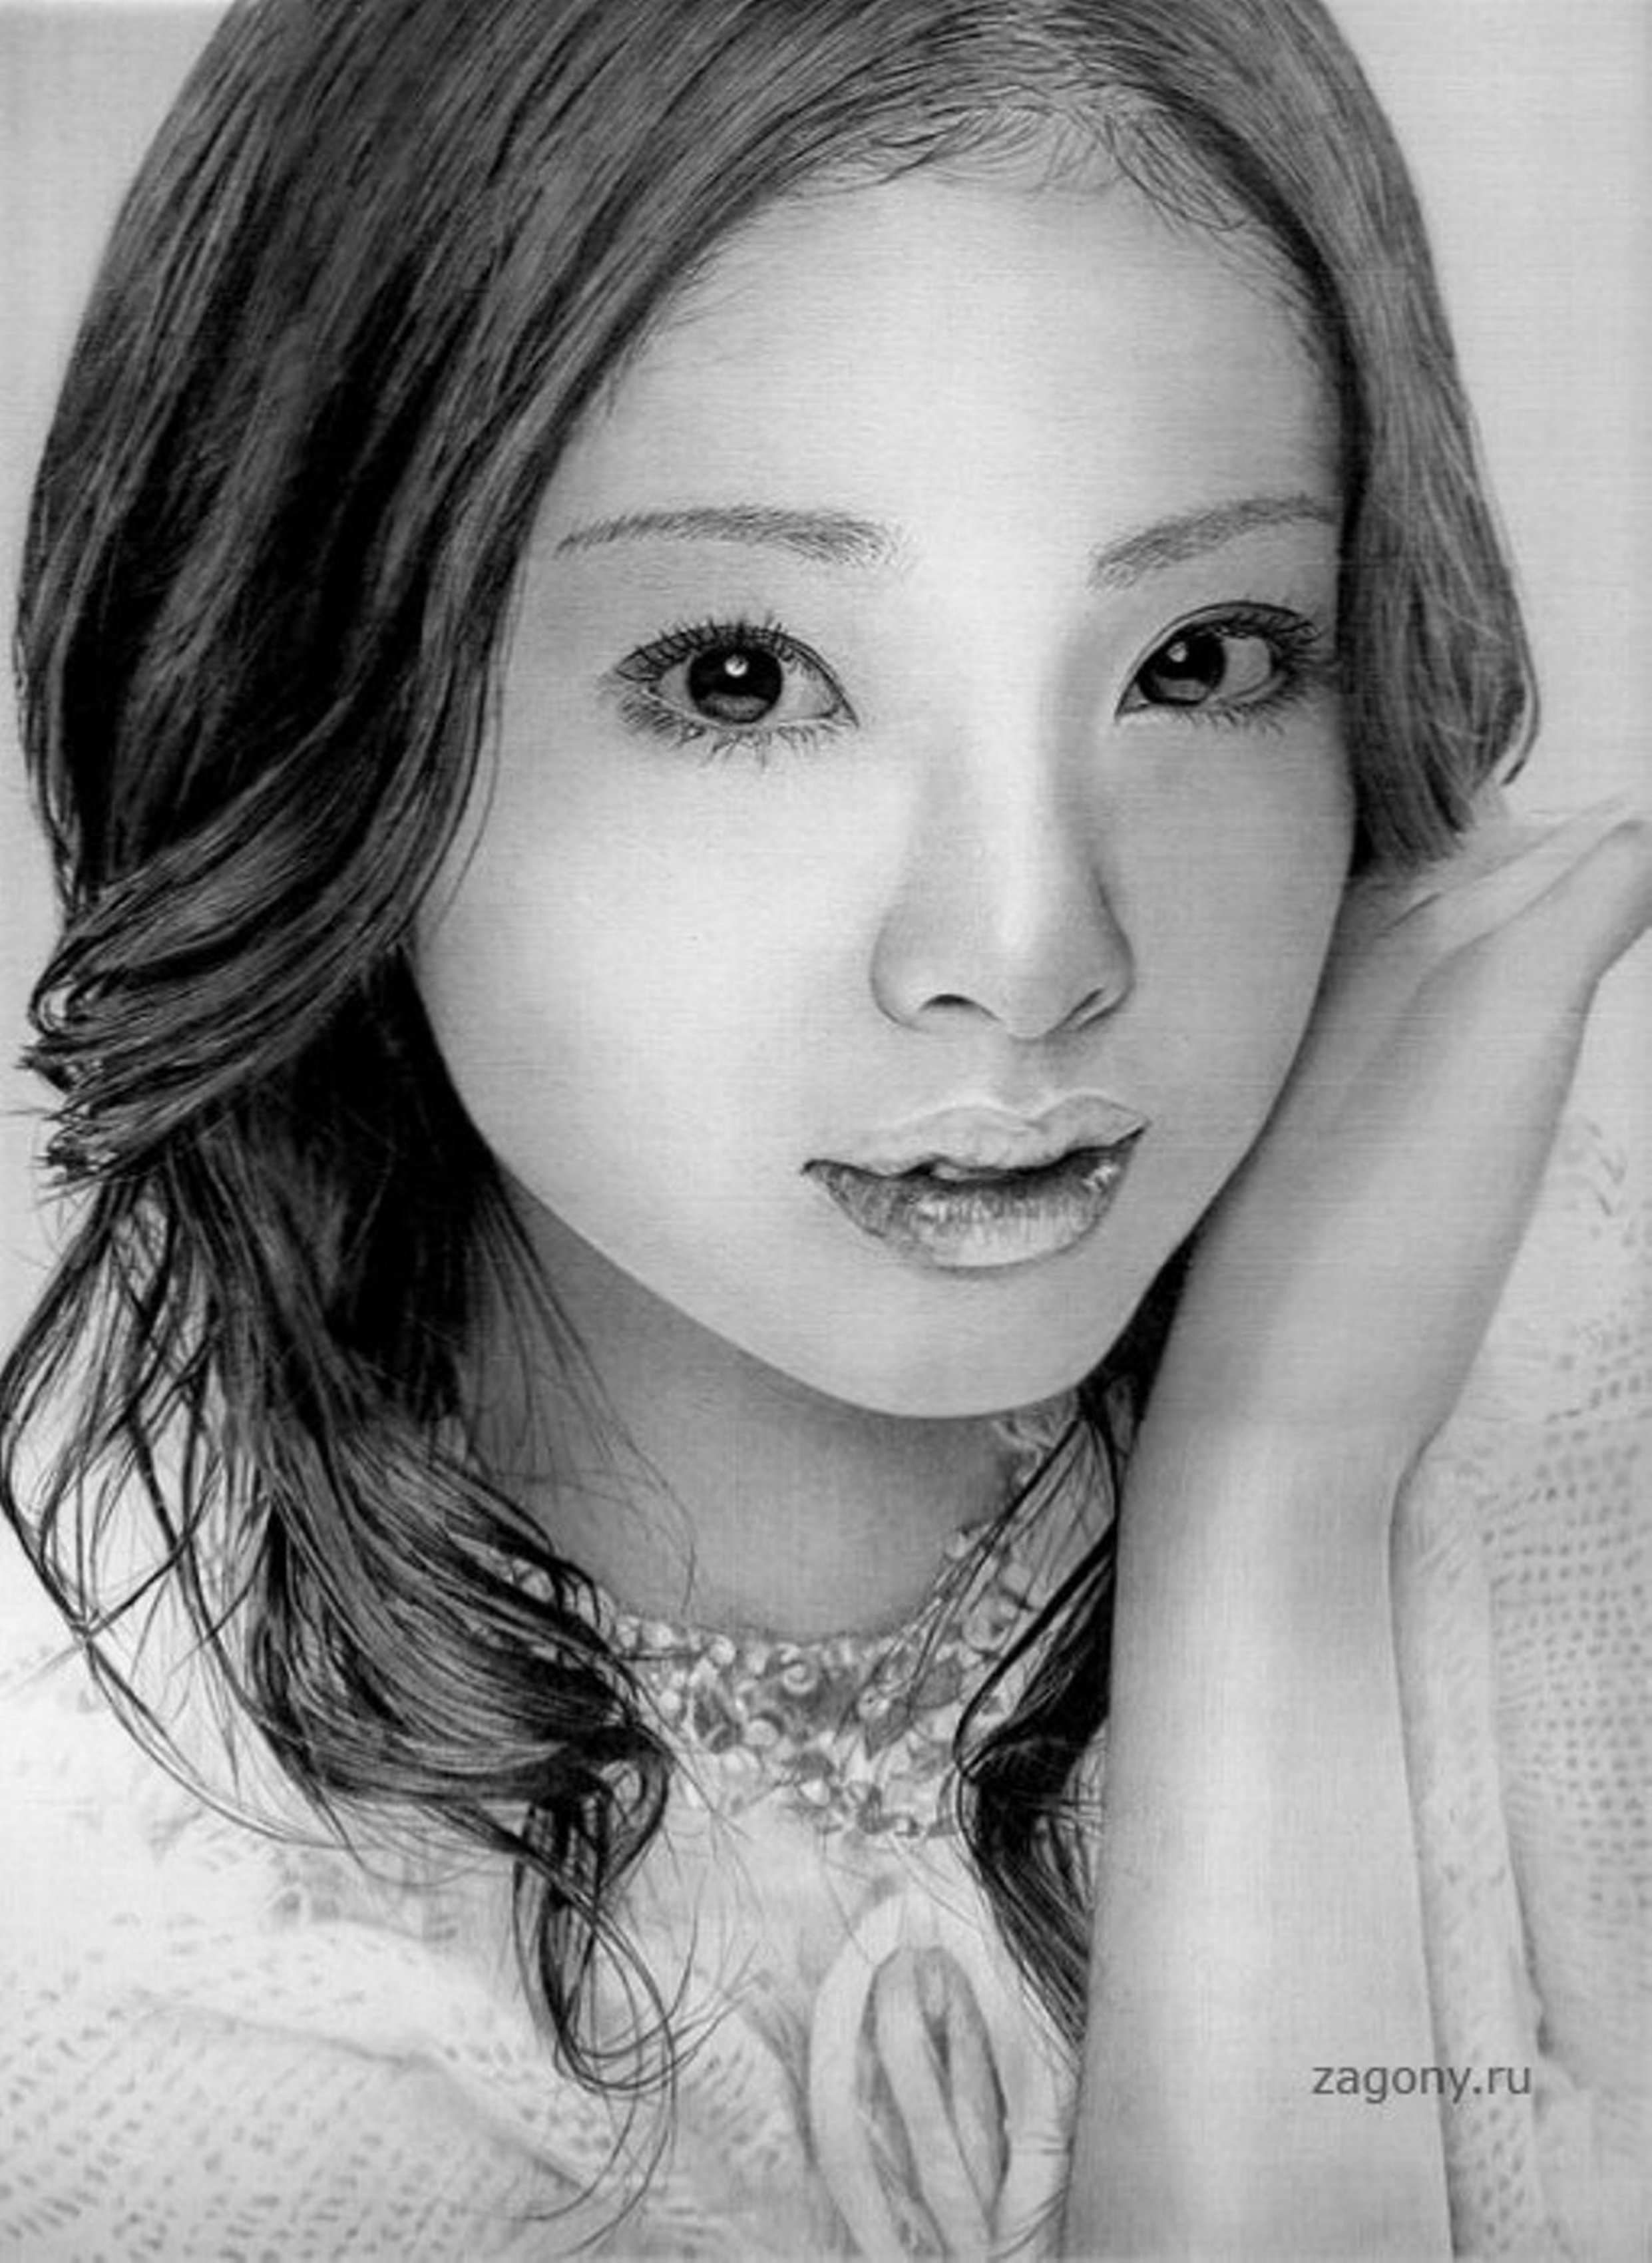 Рисунки японских девушек 14 фотография